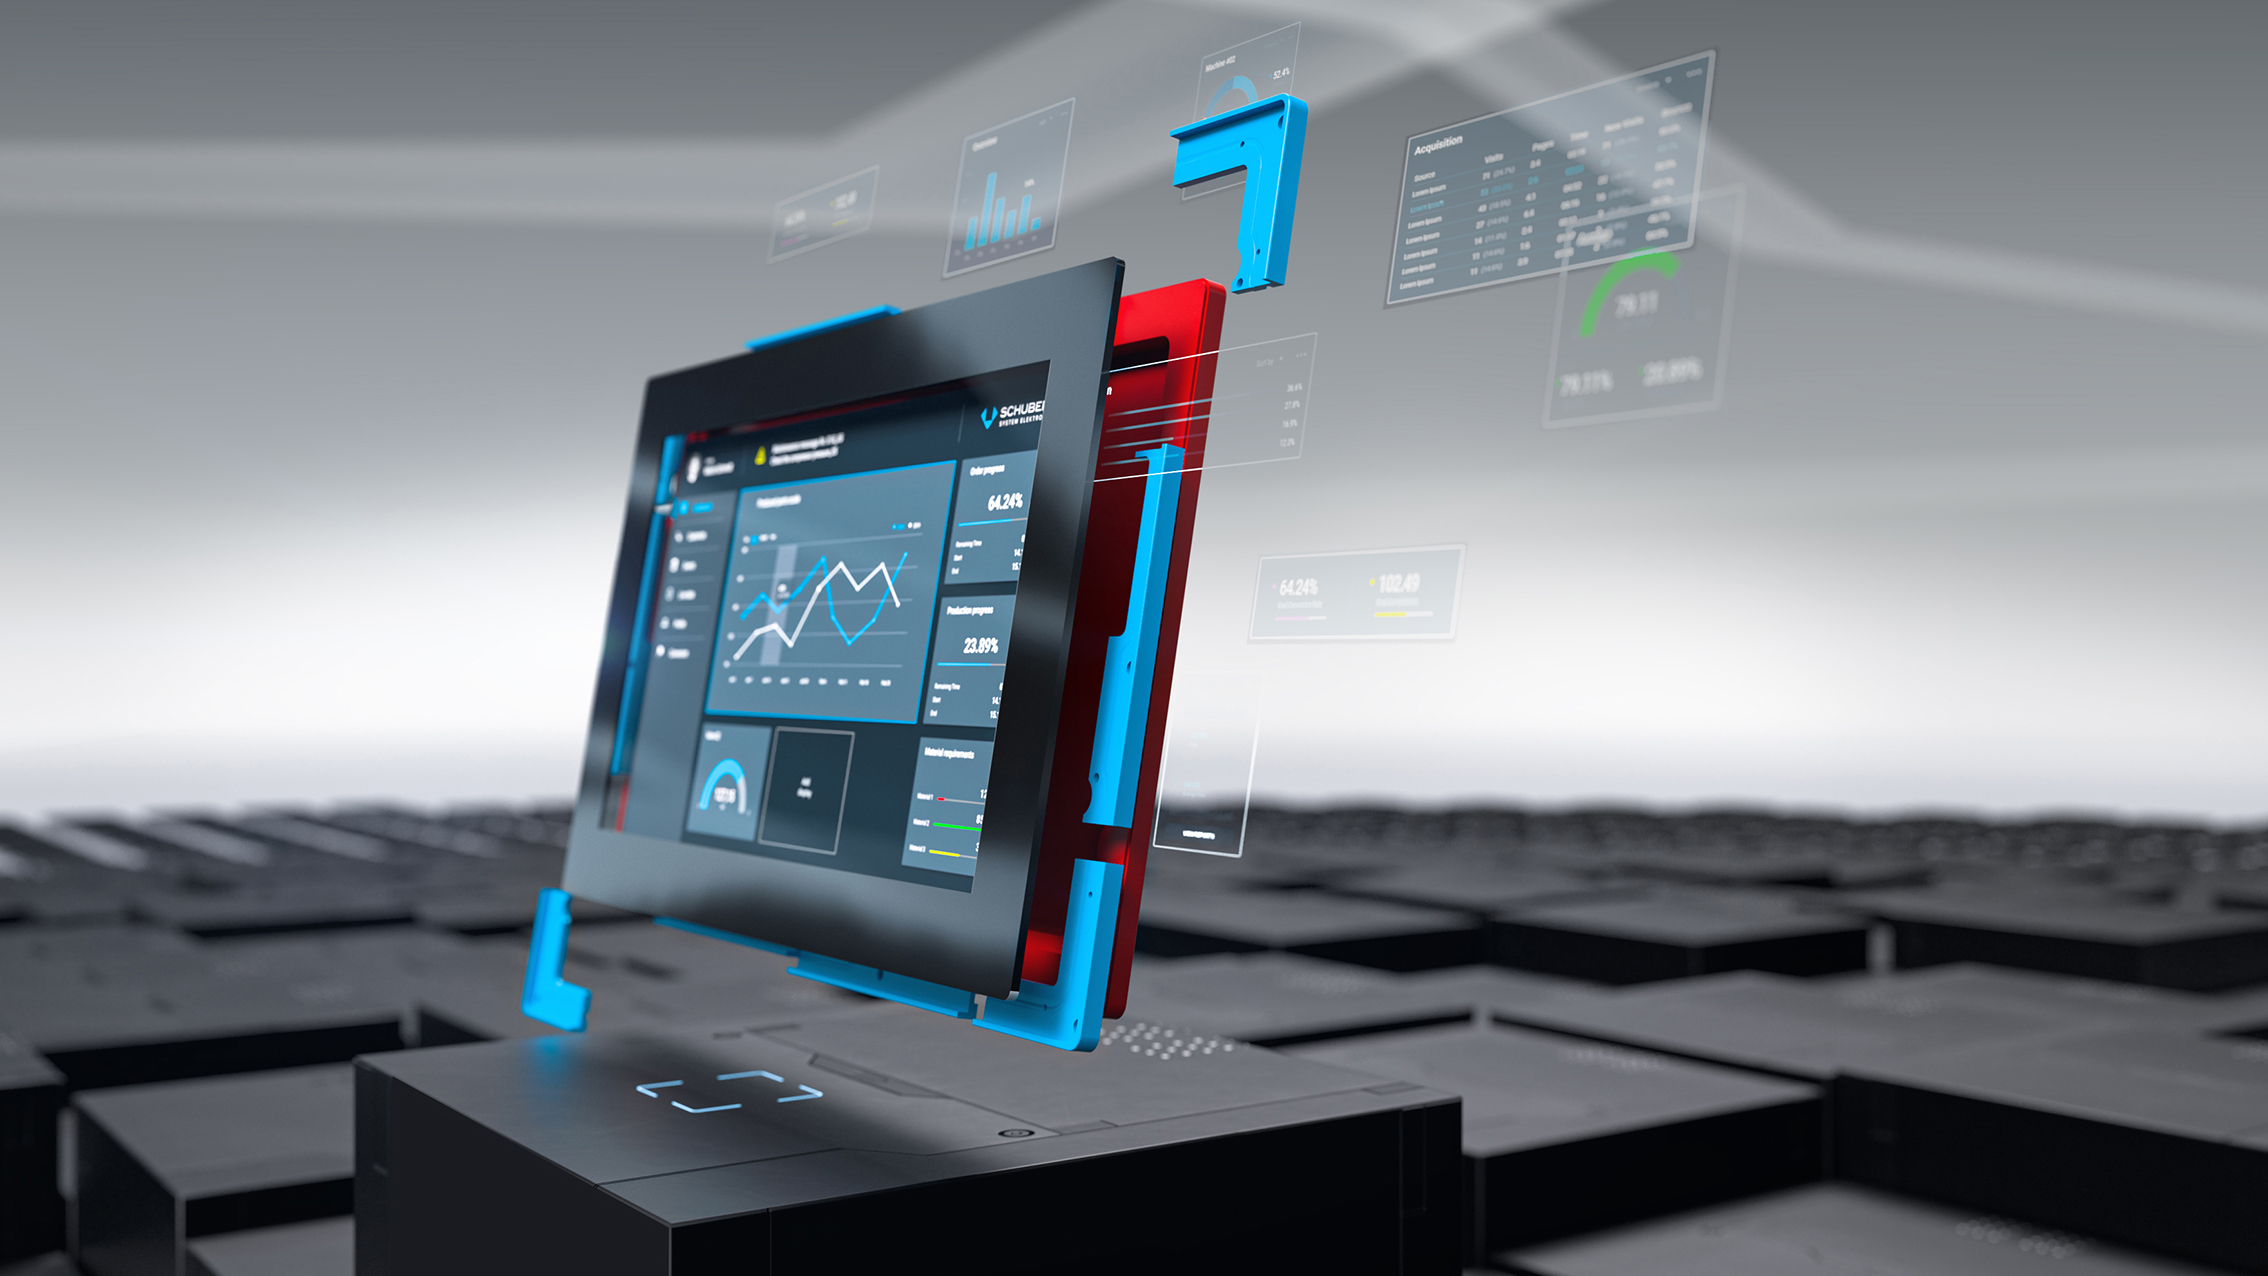 Sensornahe Edge-Lösungen ermöglichen prozessnahe Analyse und Weiterverarbeitung von Daten, z.B.fürdievorausschauende Wartung (Predictive Maintenance)und Qualitätssicherung. (Bild: Schubert System Elektronik GmbH)